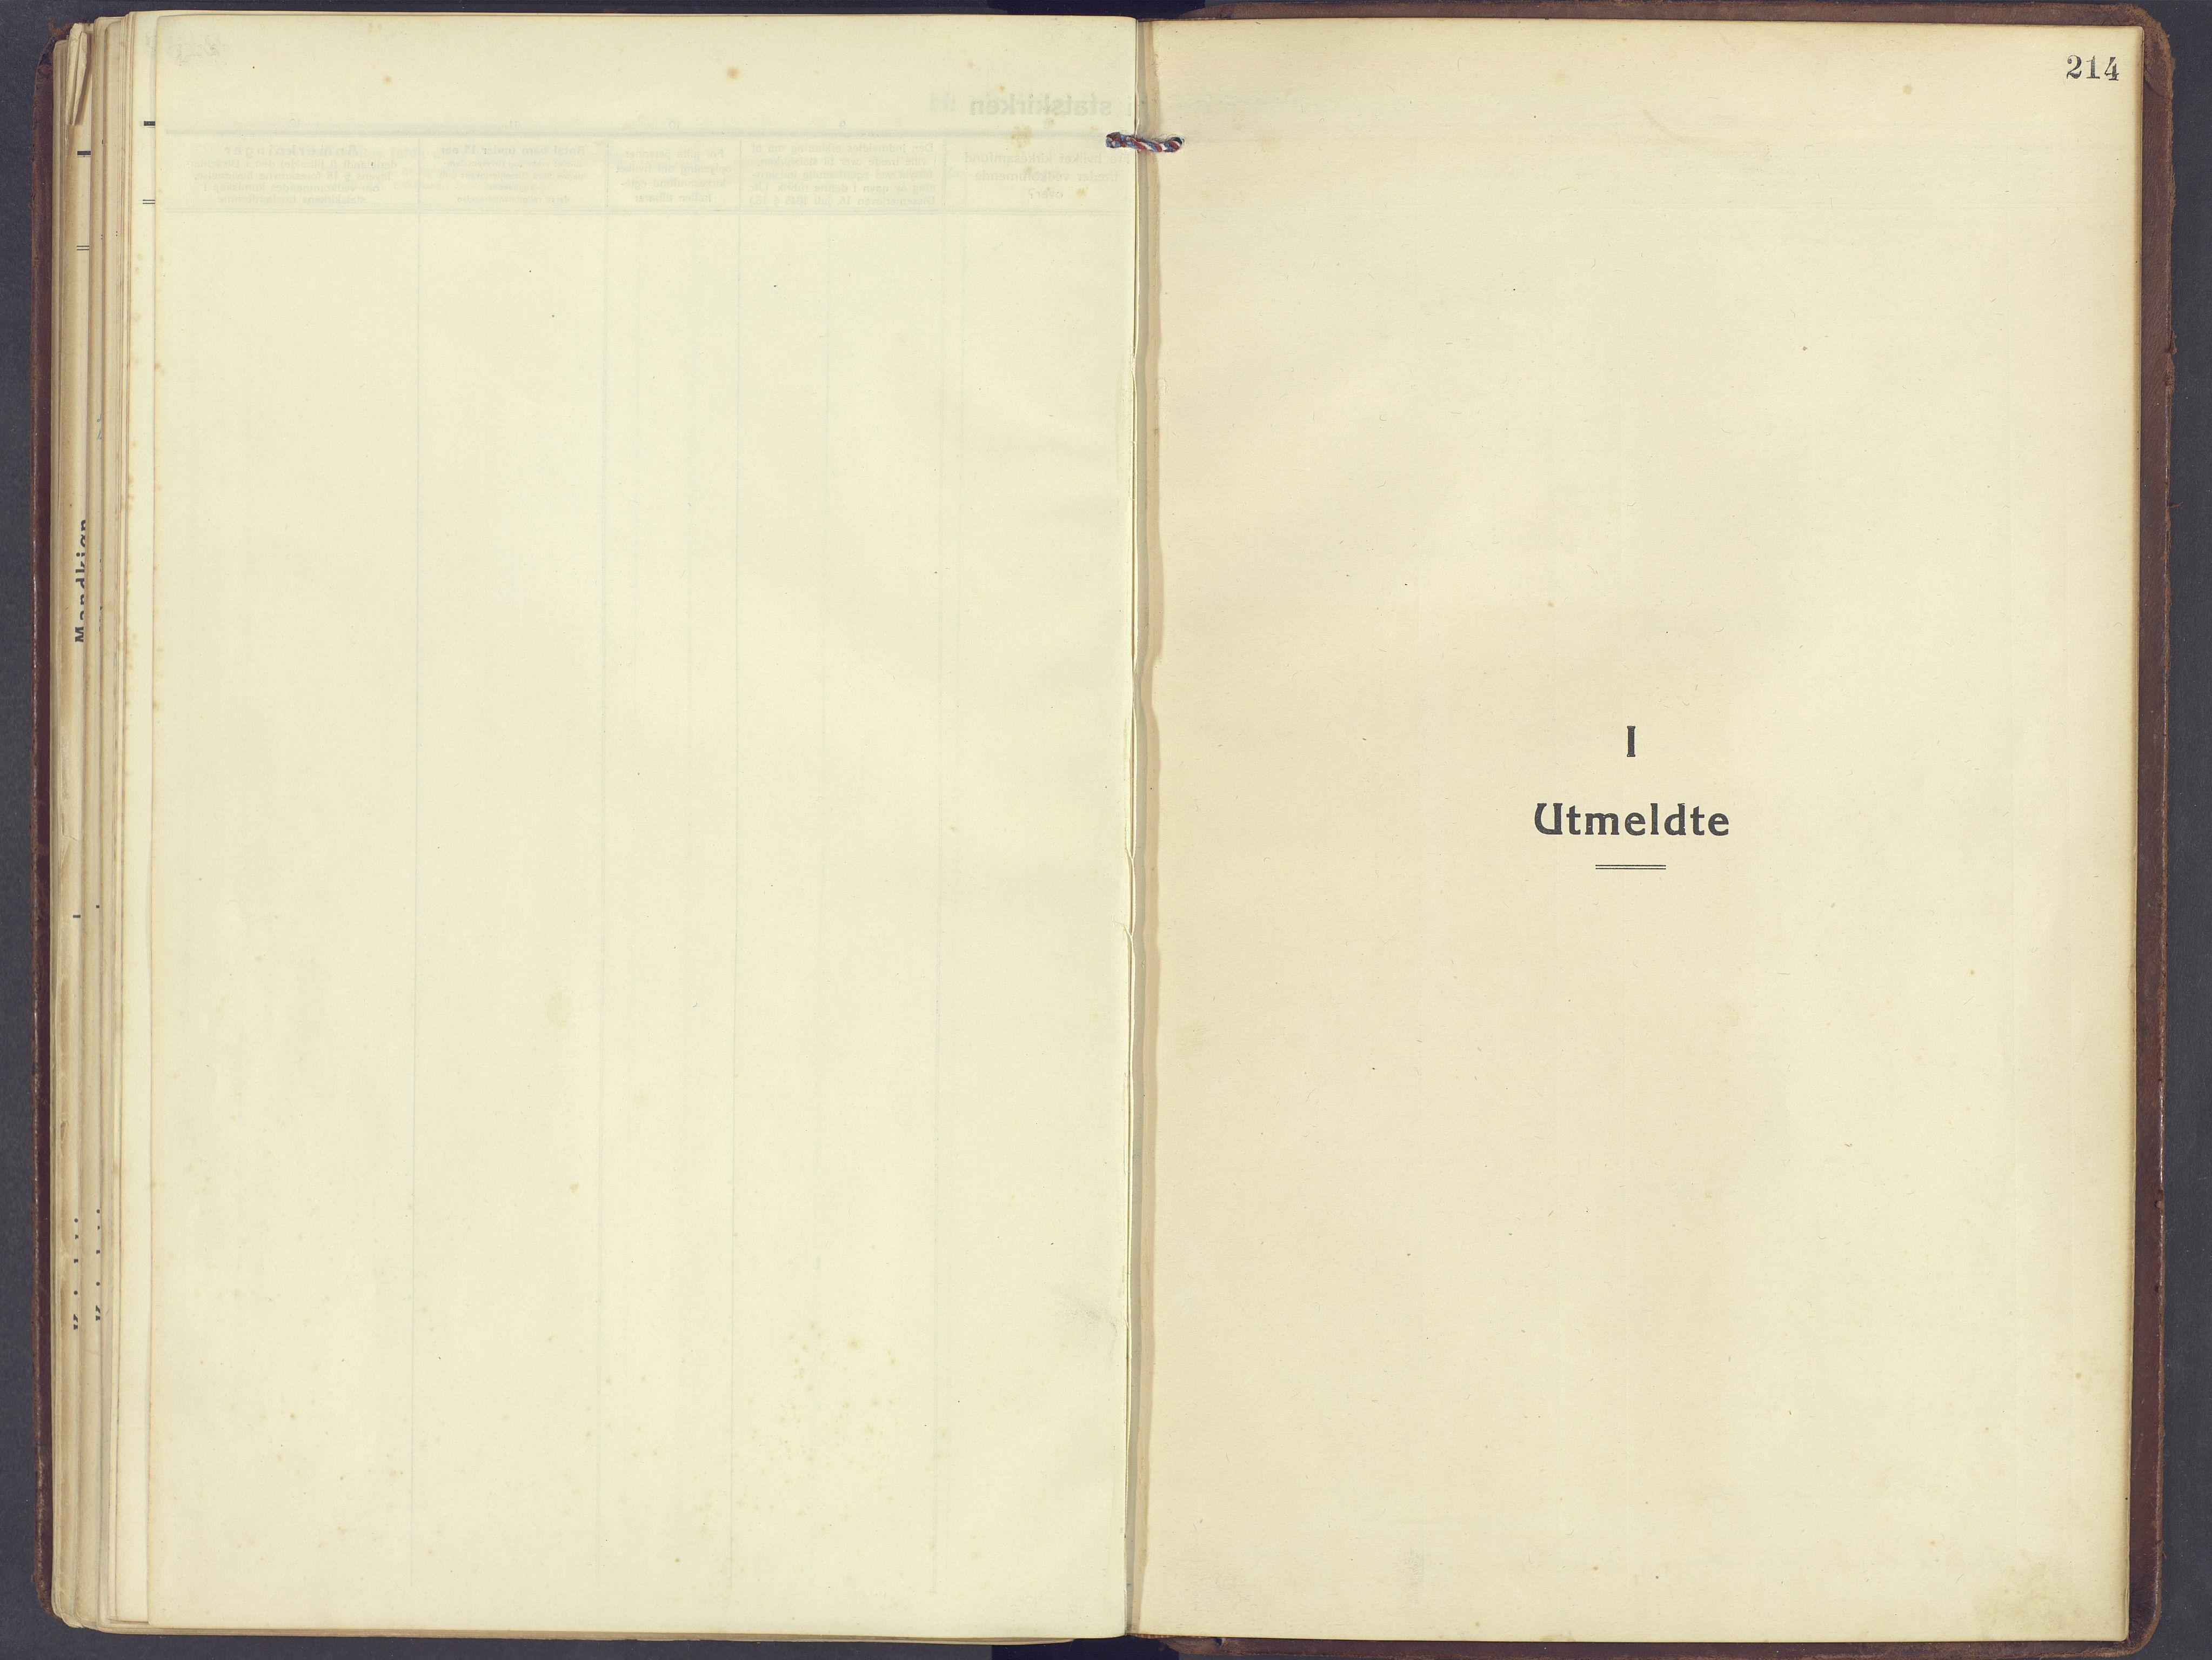 SAH, Sør-Fron prestekontor, H/Ha/Haa/L0005: Ministerialbok nr. 5, 1920-1933, s. 214